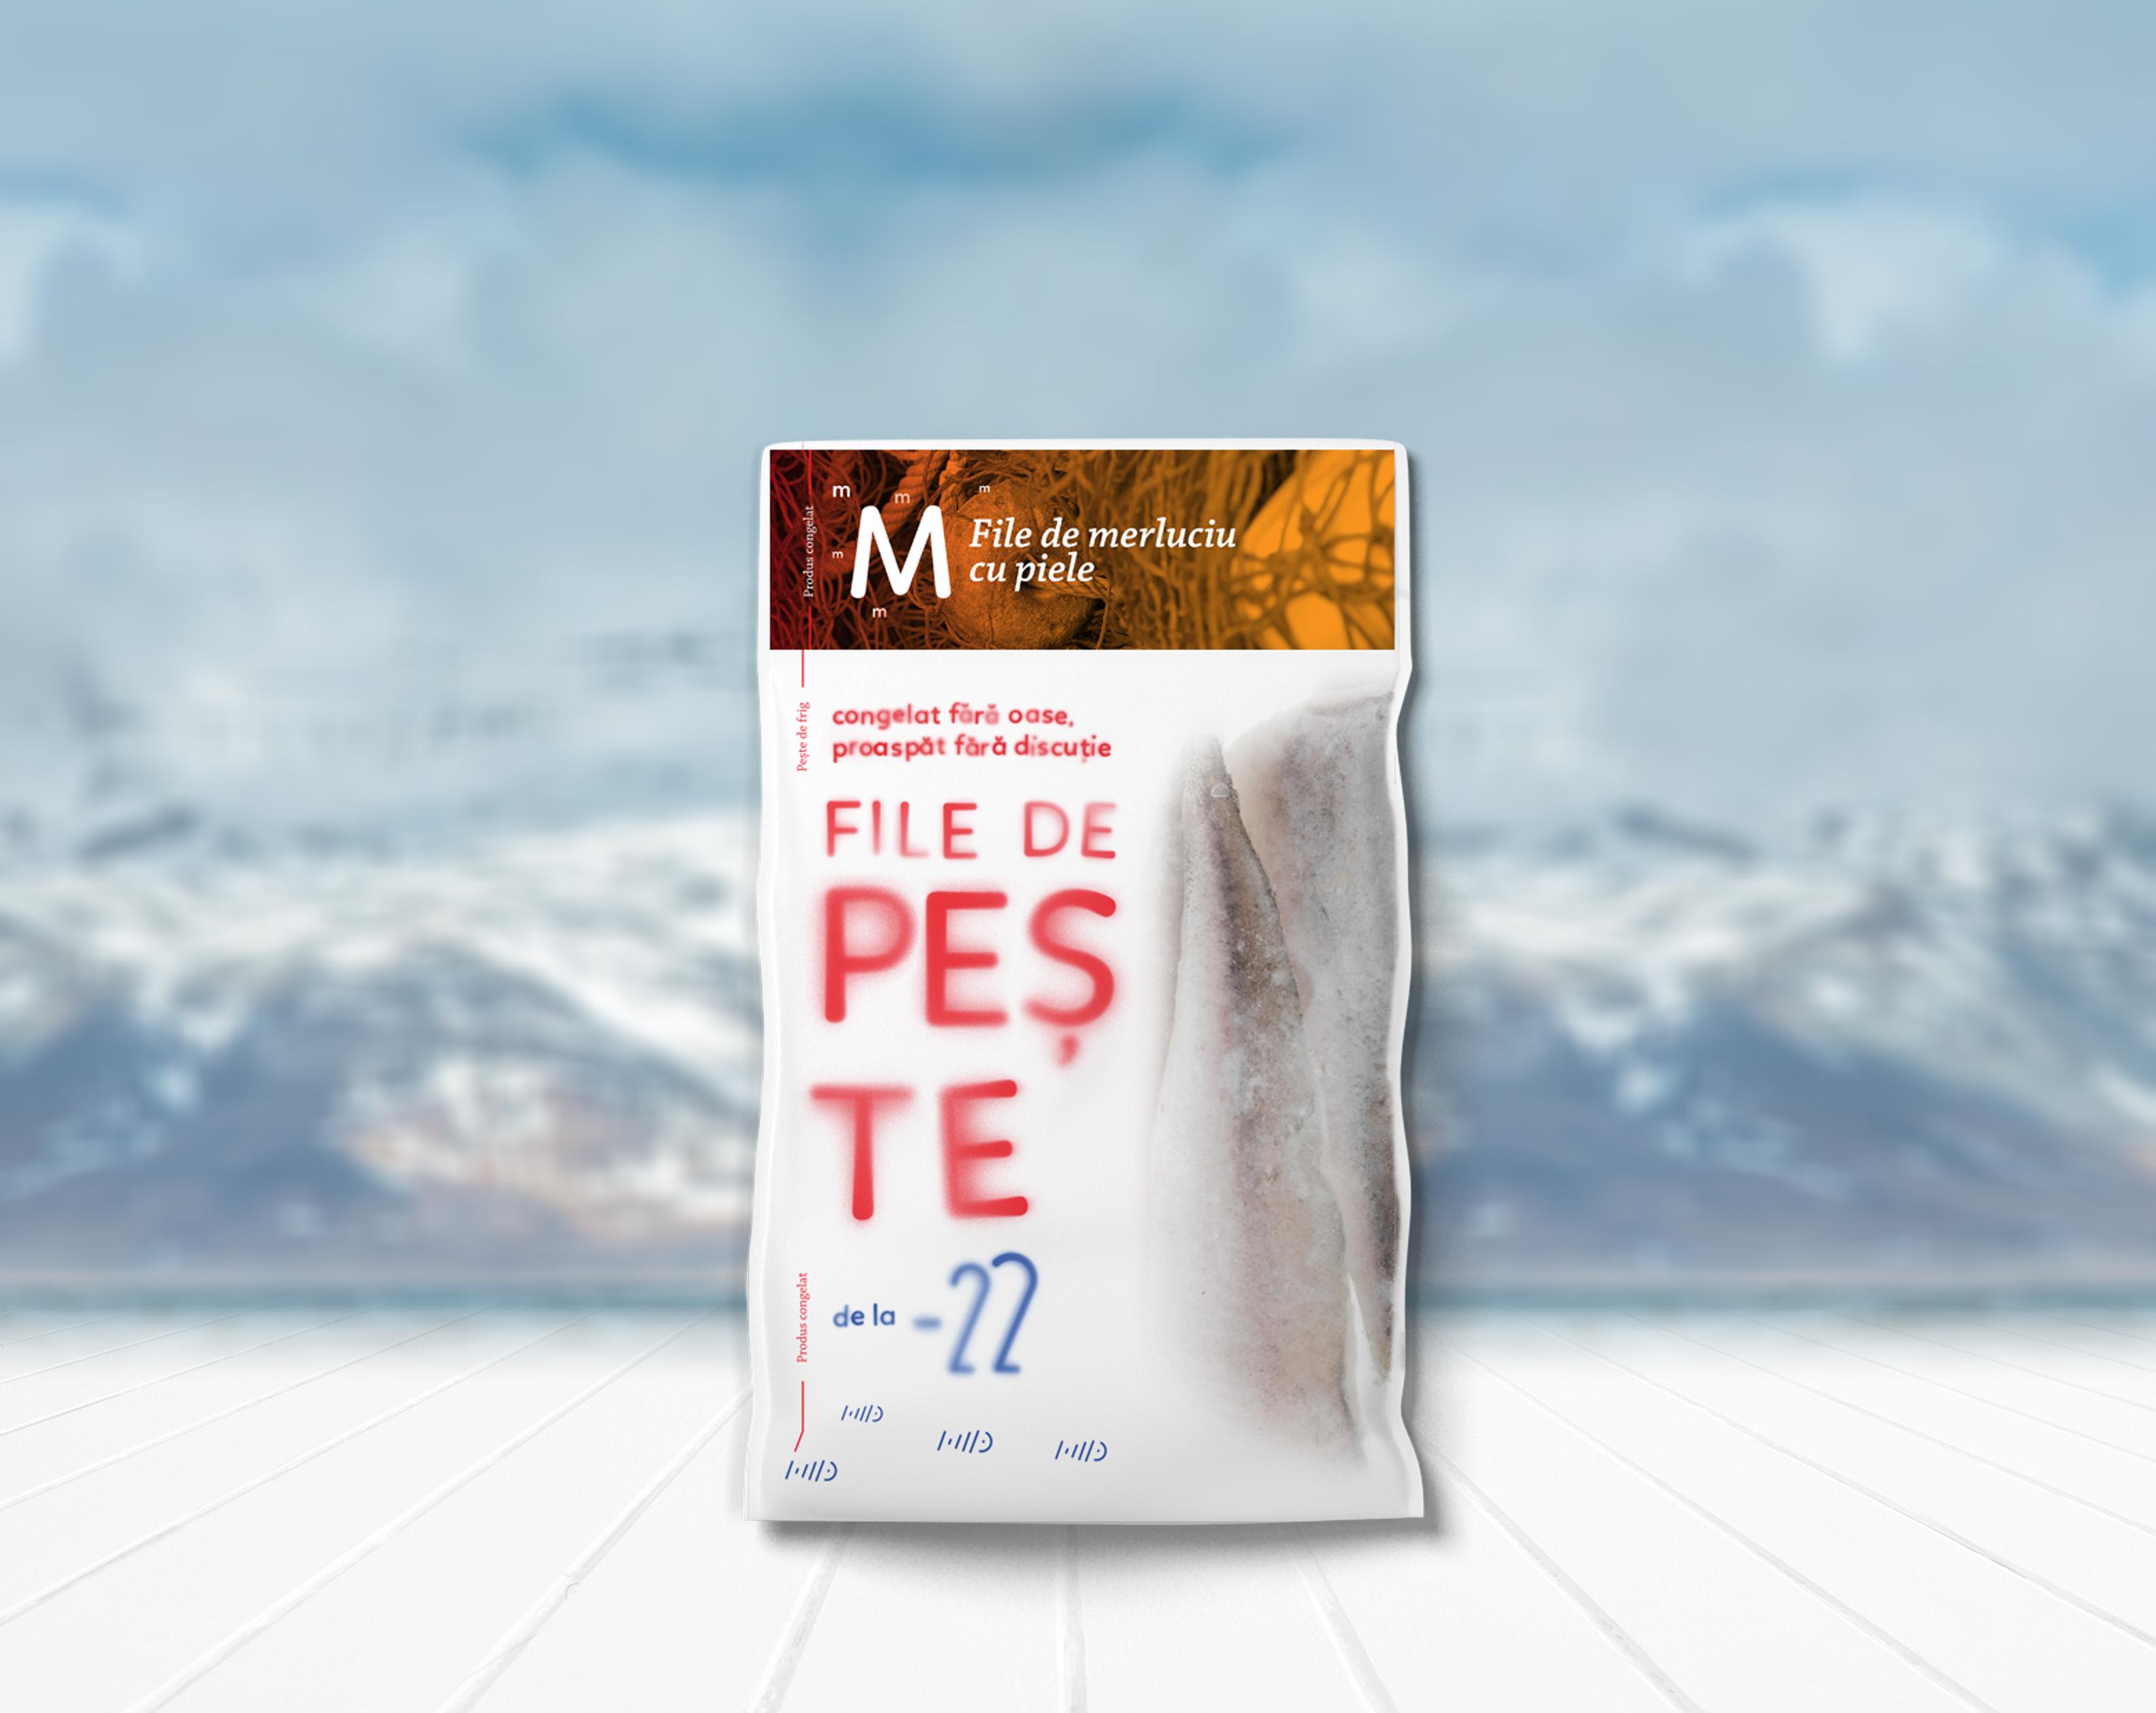 File Merluciu